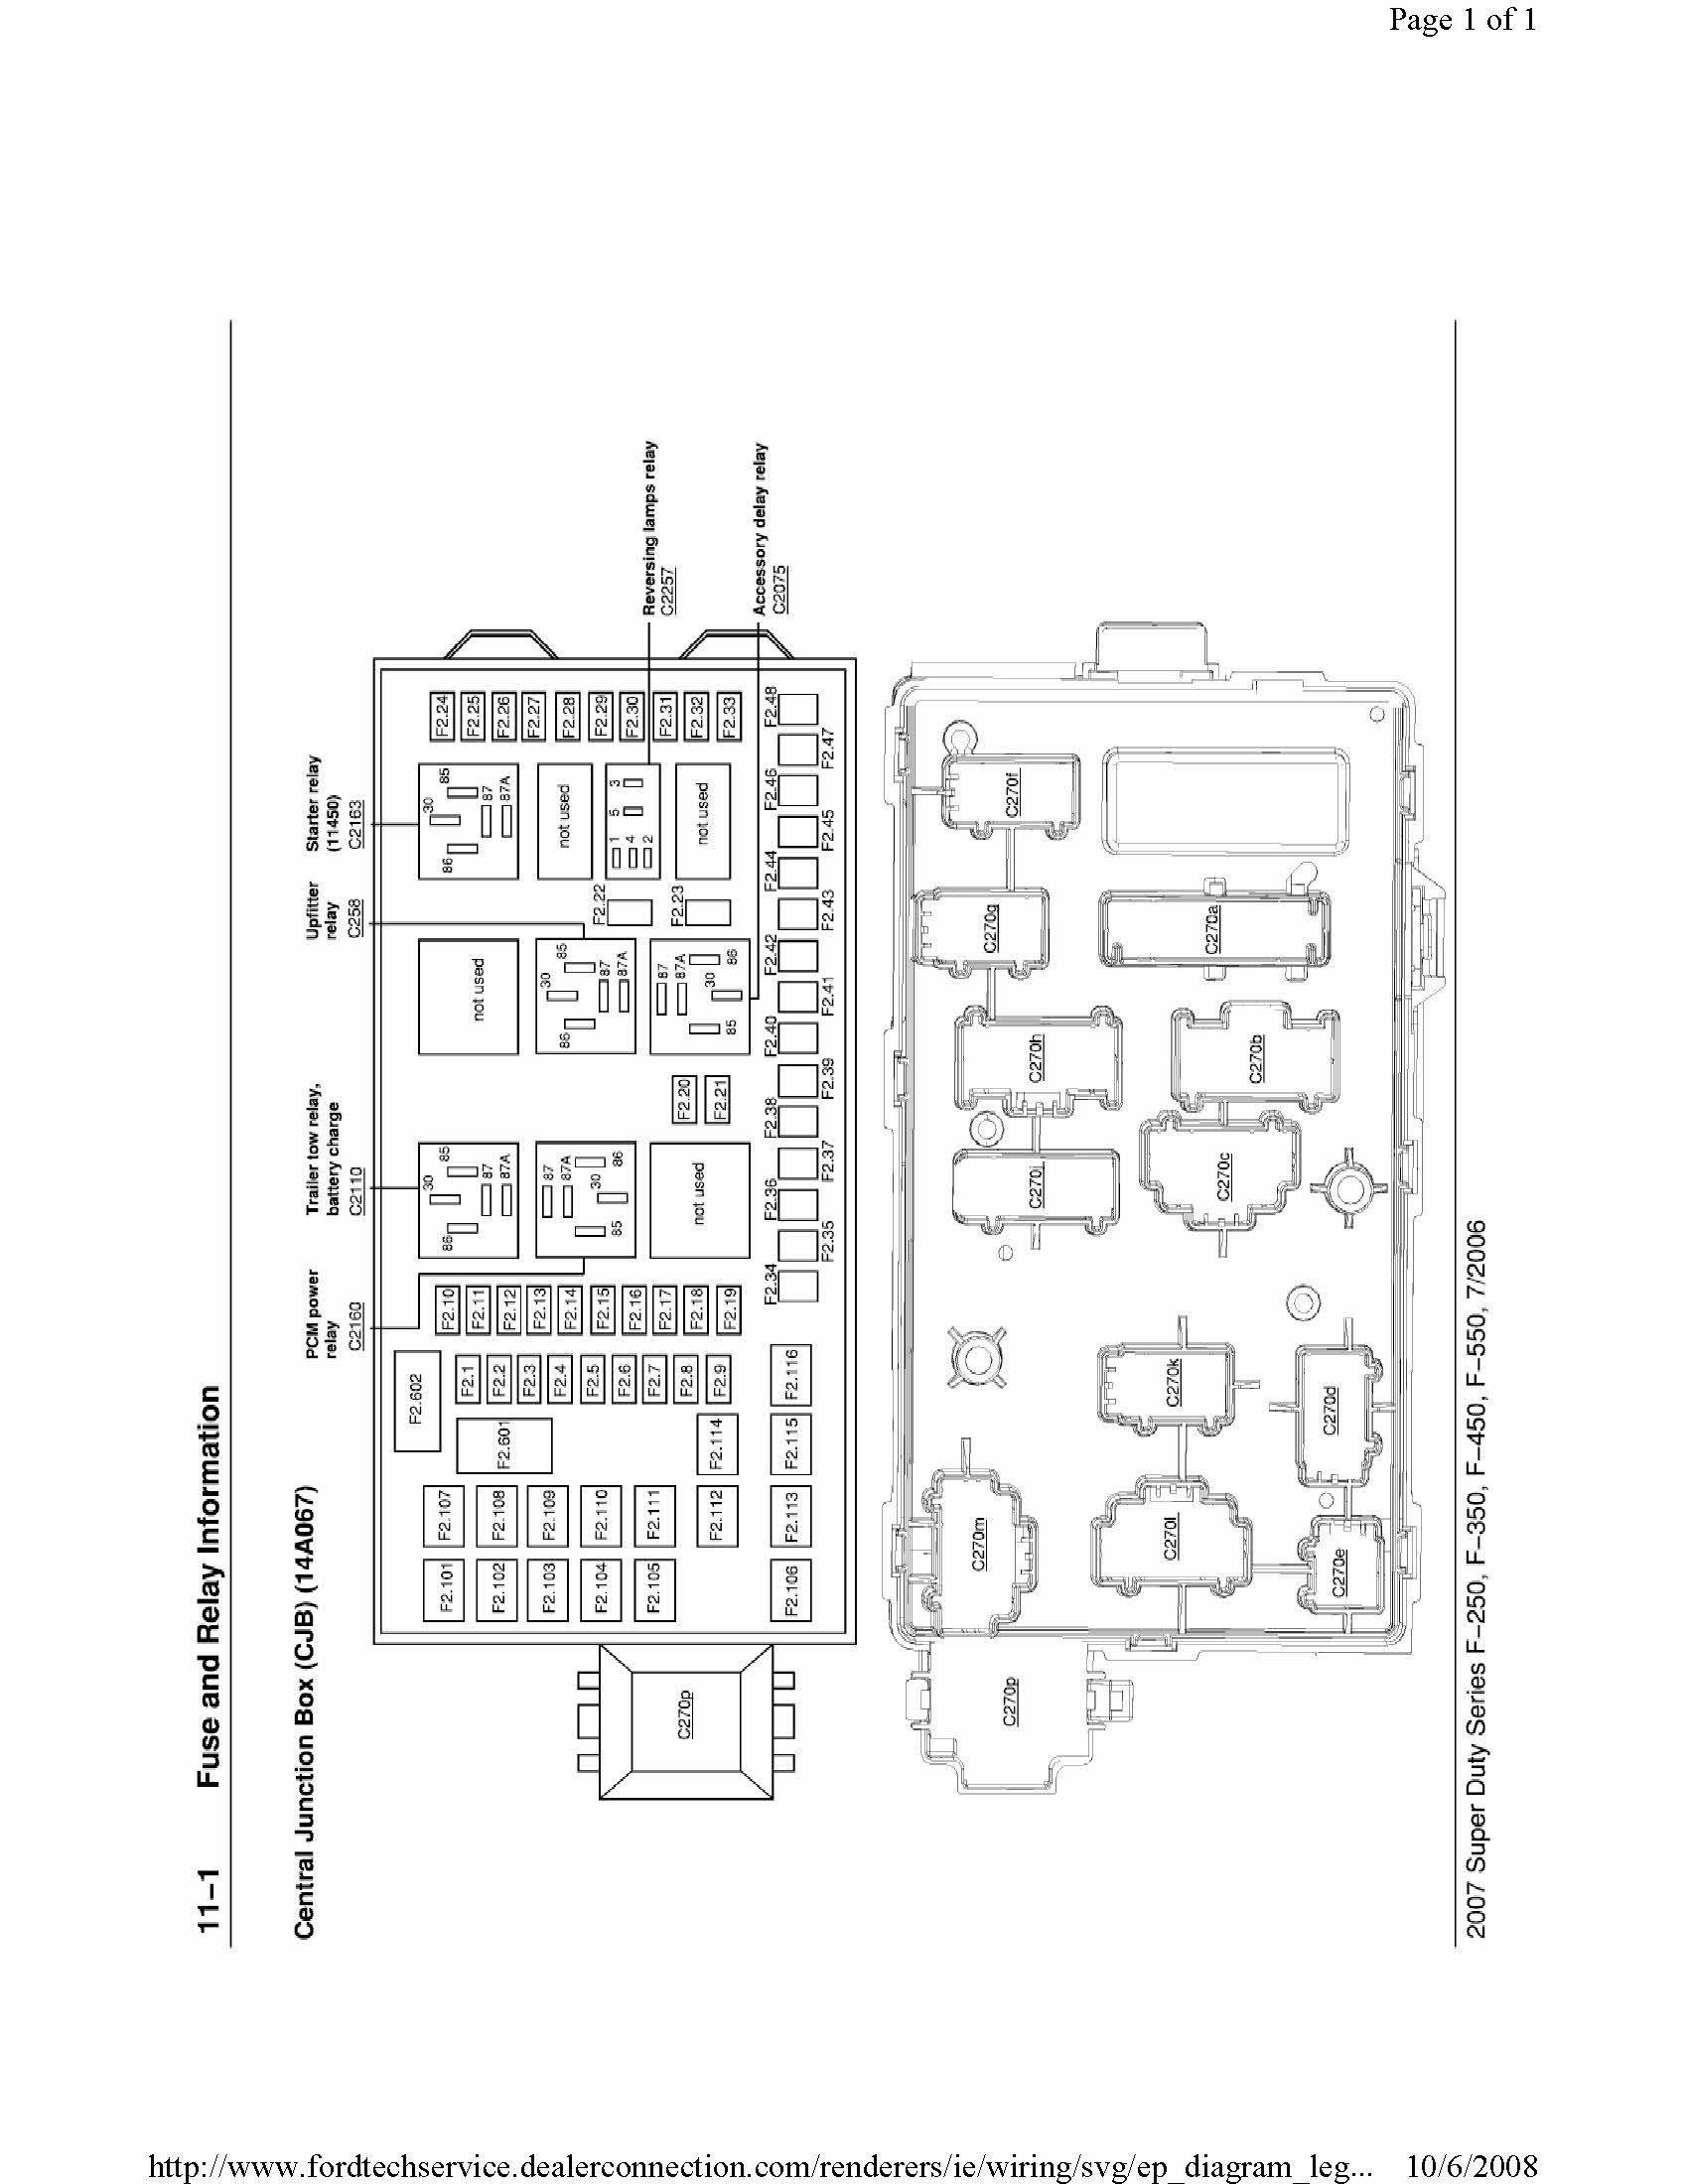 Super Duty Fuse Box Diagram